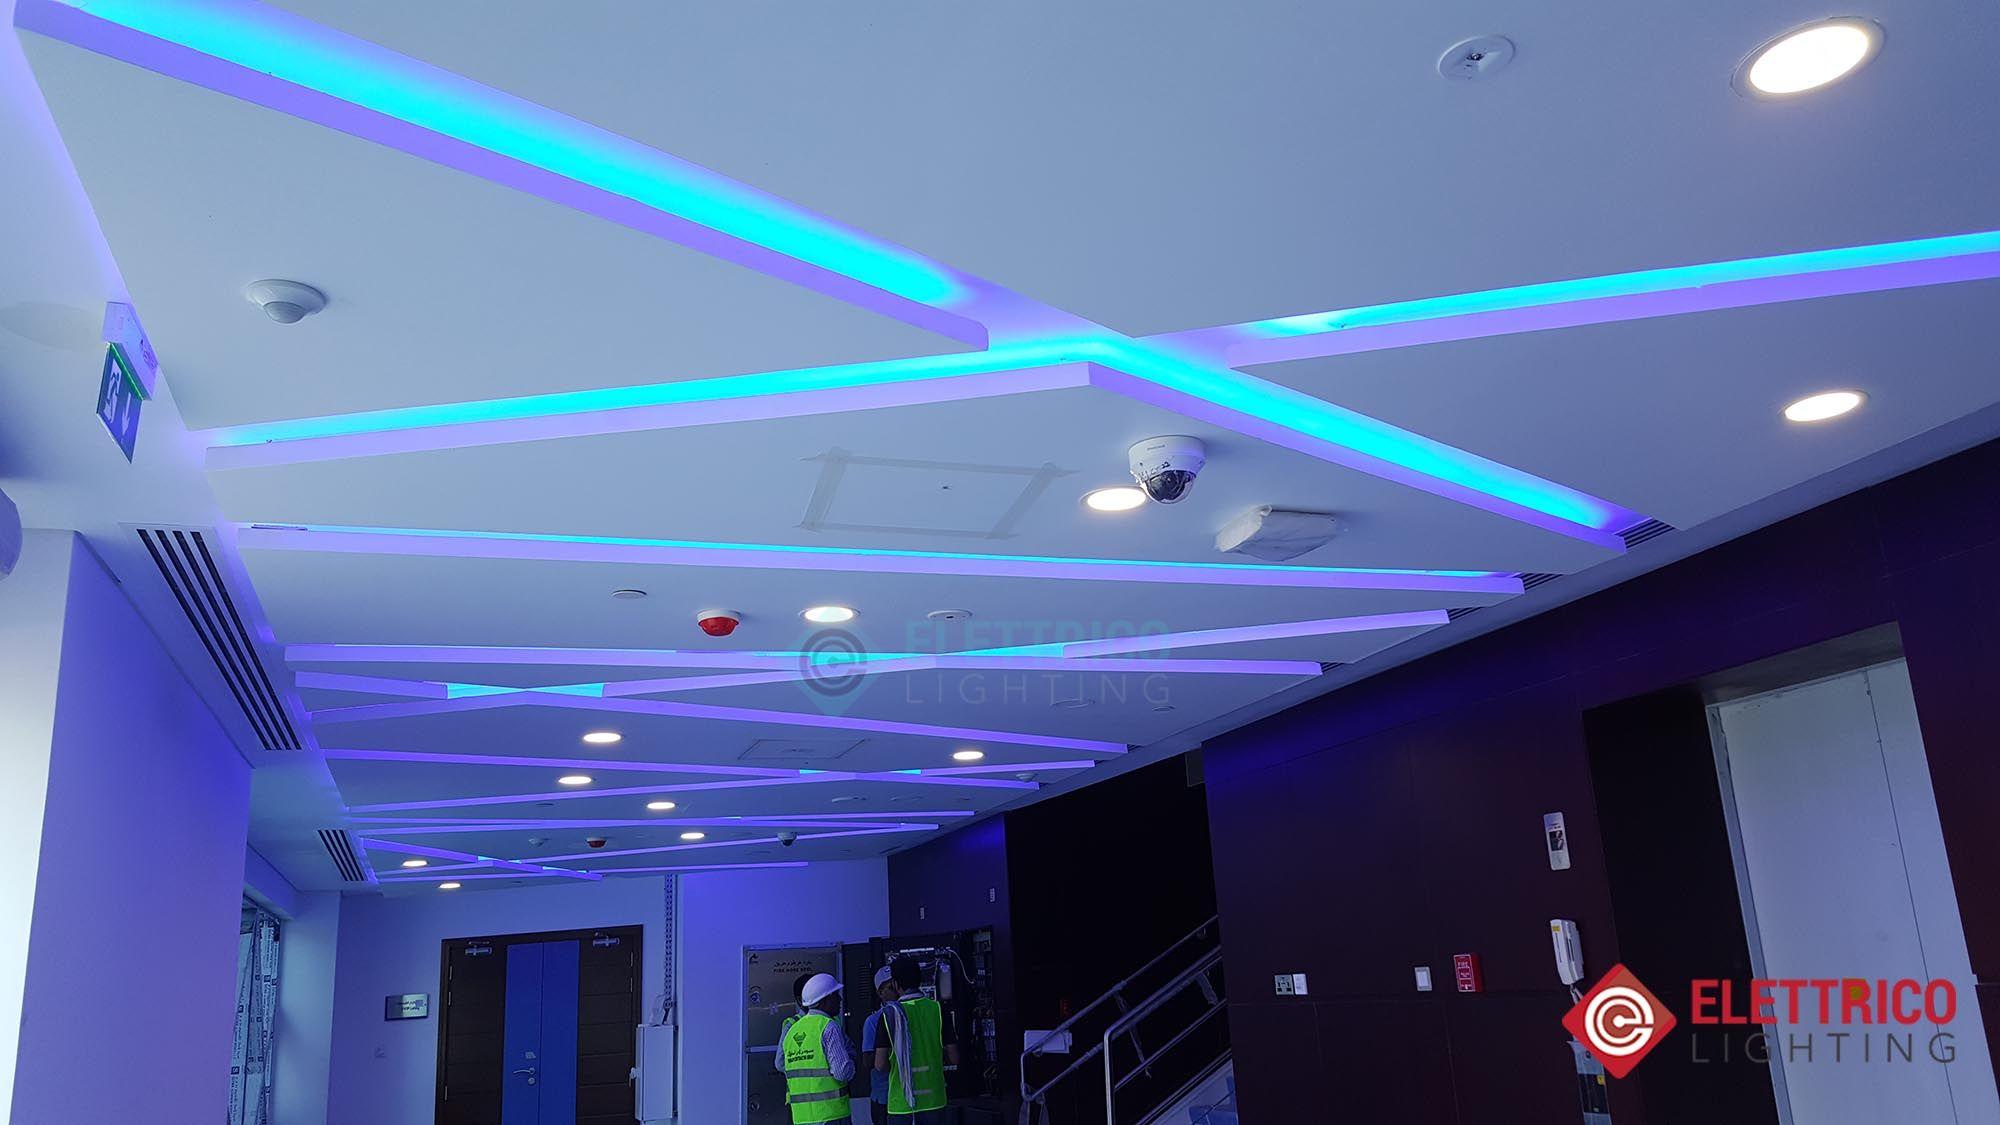 اضاءة Led للسقف اضاءة دبي متجر سبوتلايت مصابيح Strip Lighting Buy Led Lights Led Light Fixtures